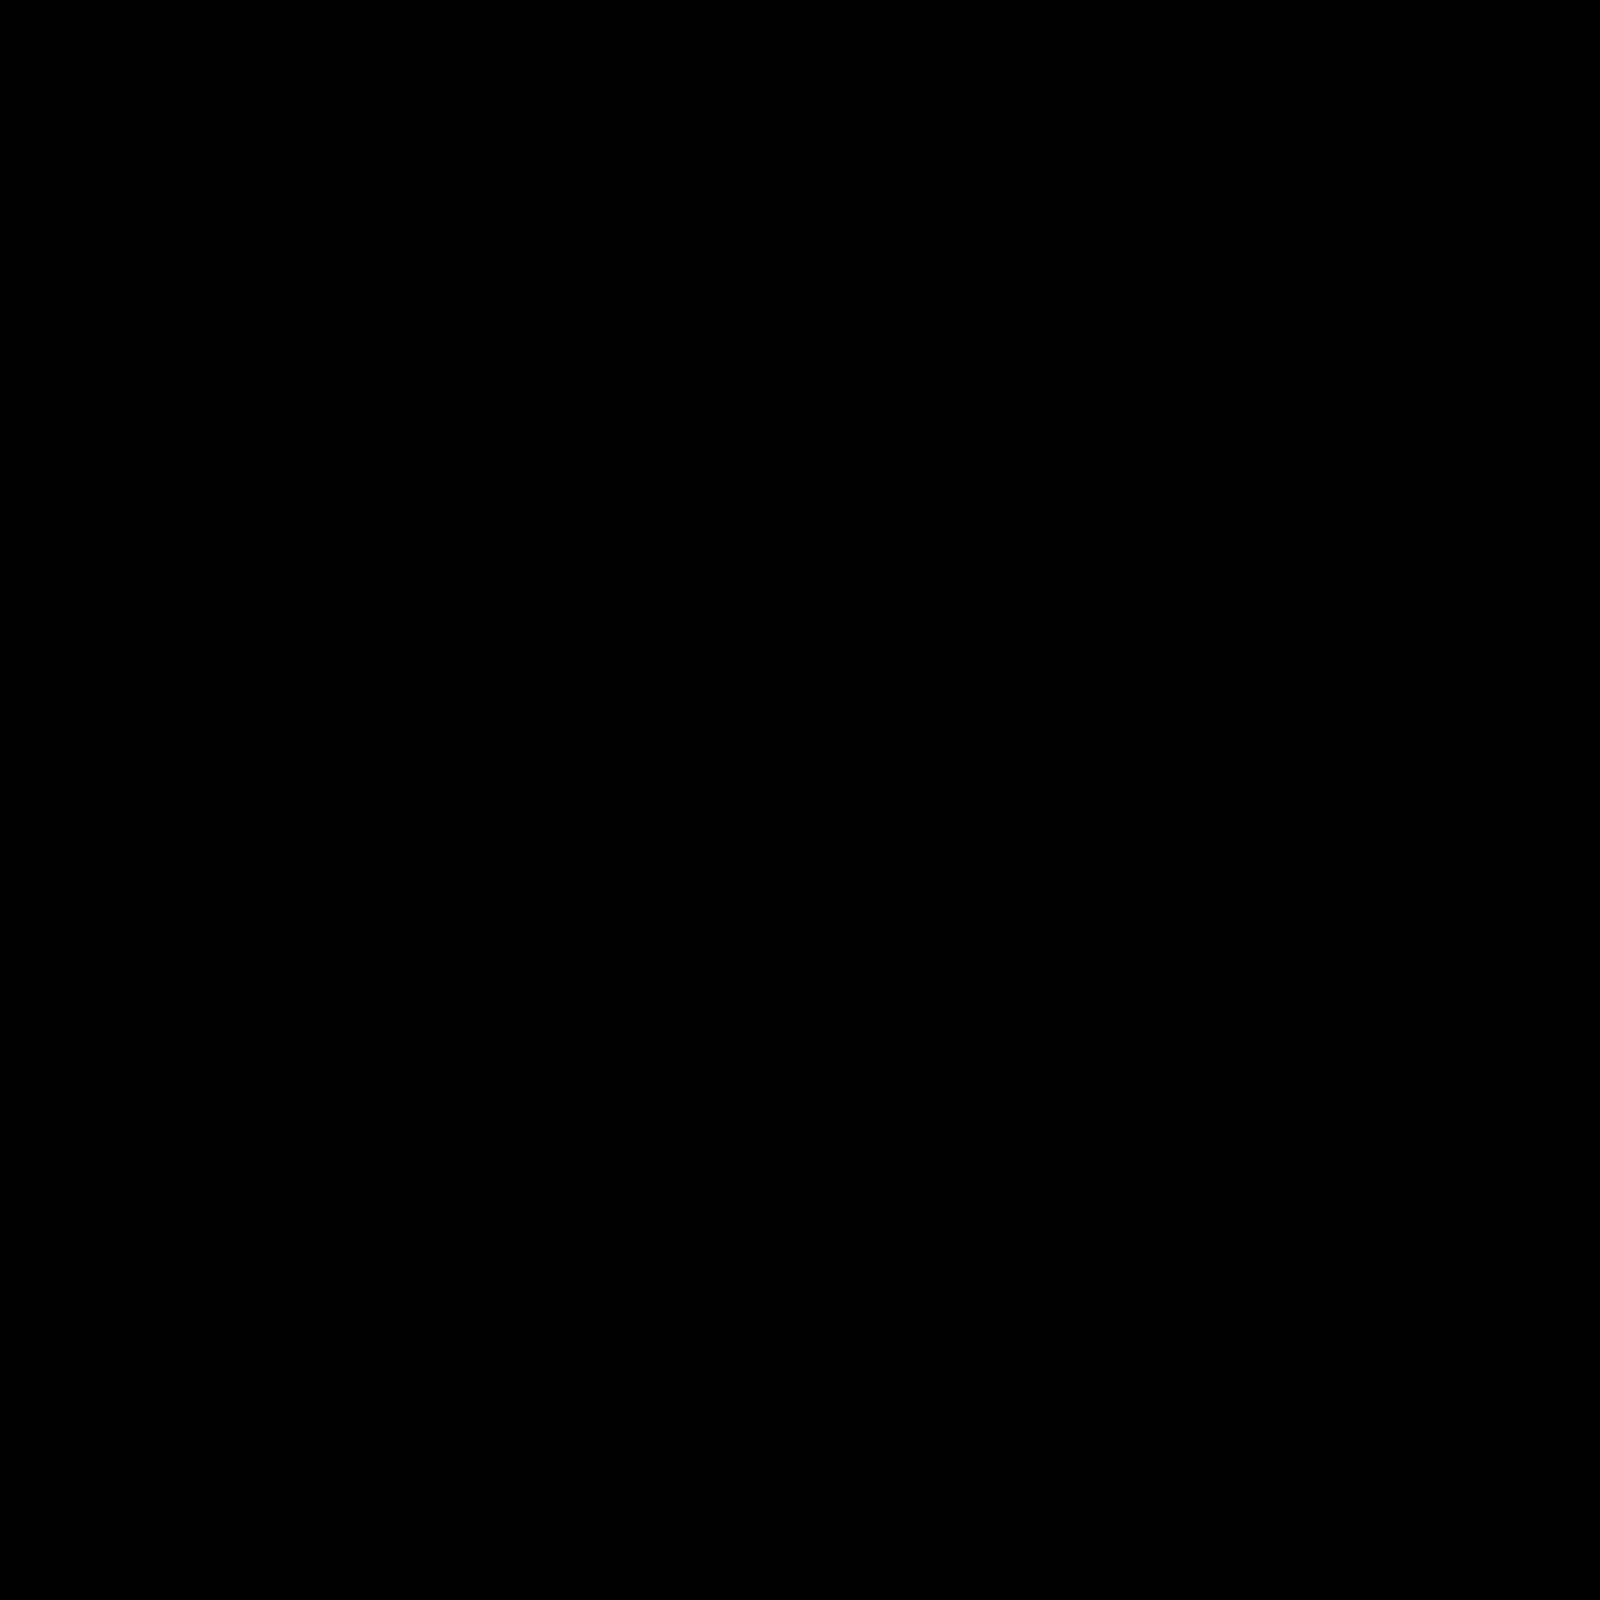 爆米花机 icon. This is a logo for a popcorn maker. It is shown from the side of it. It shows popcorn in the machine being made, and it has a few pieces of popcorn coming out of the spout being served.